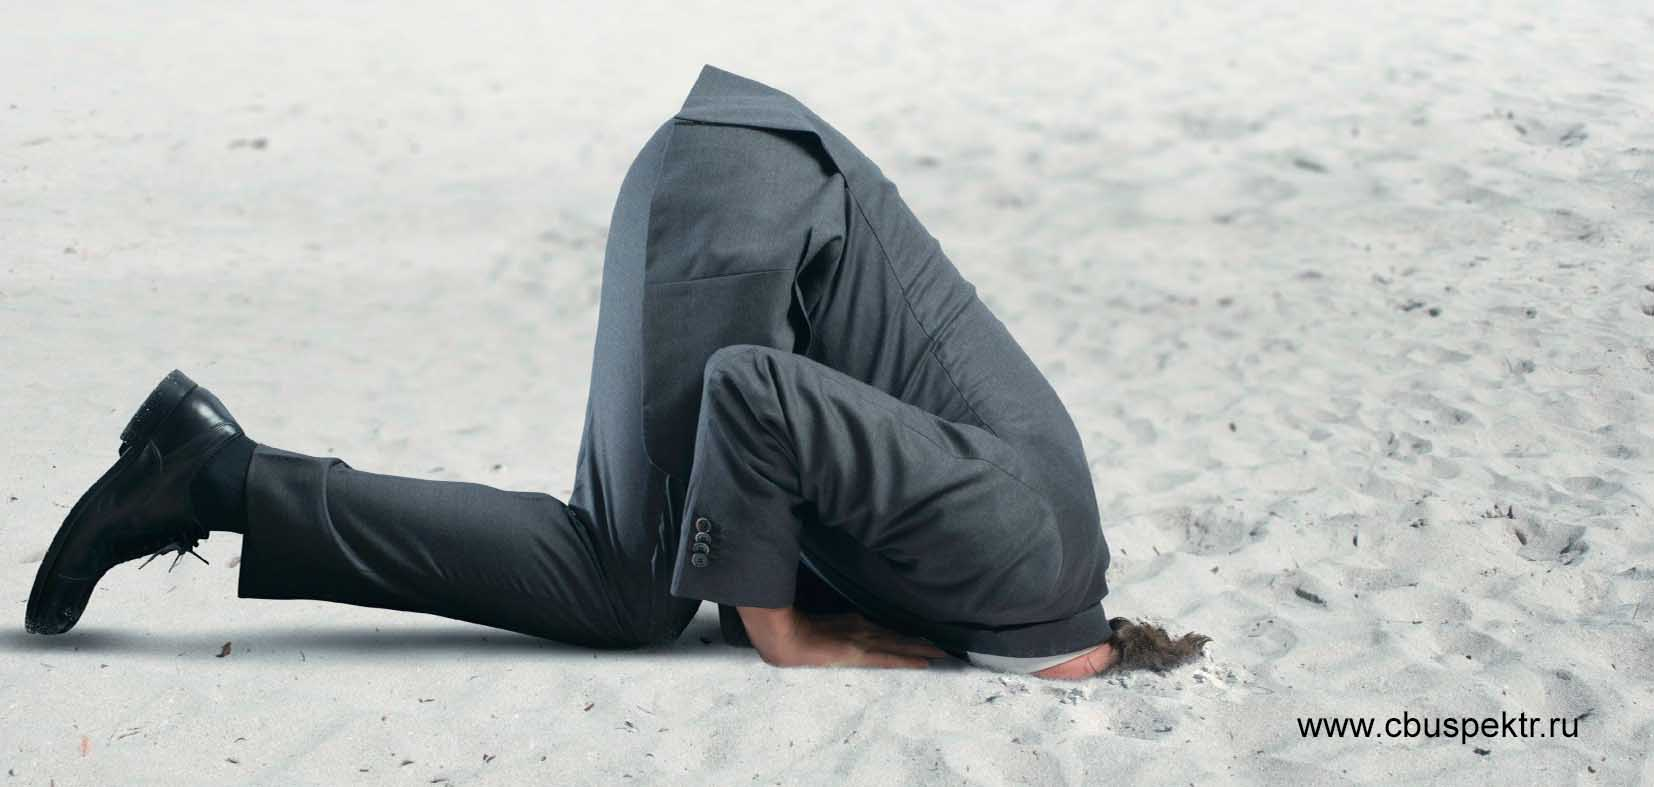 Неплатежеспособный человек прячется от проблем